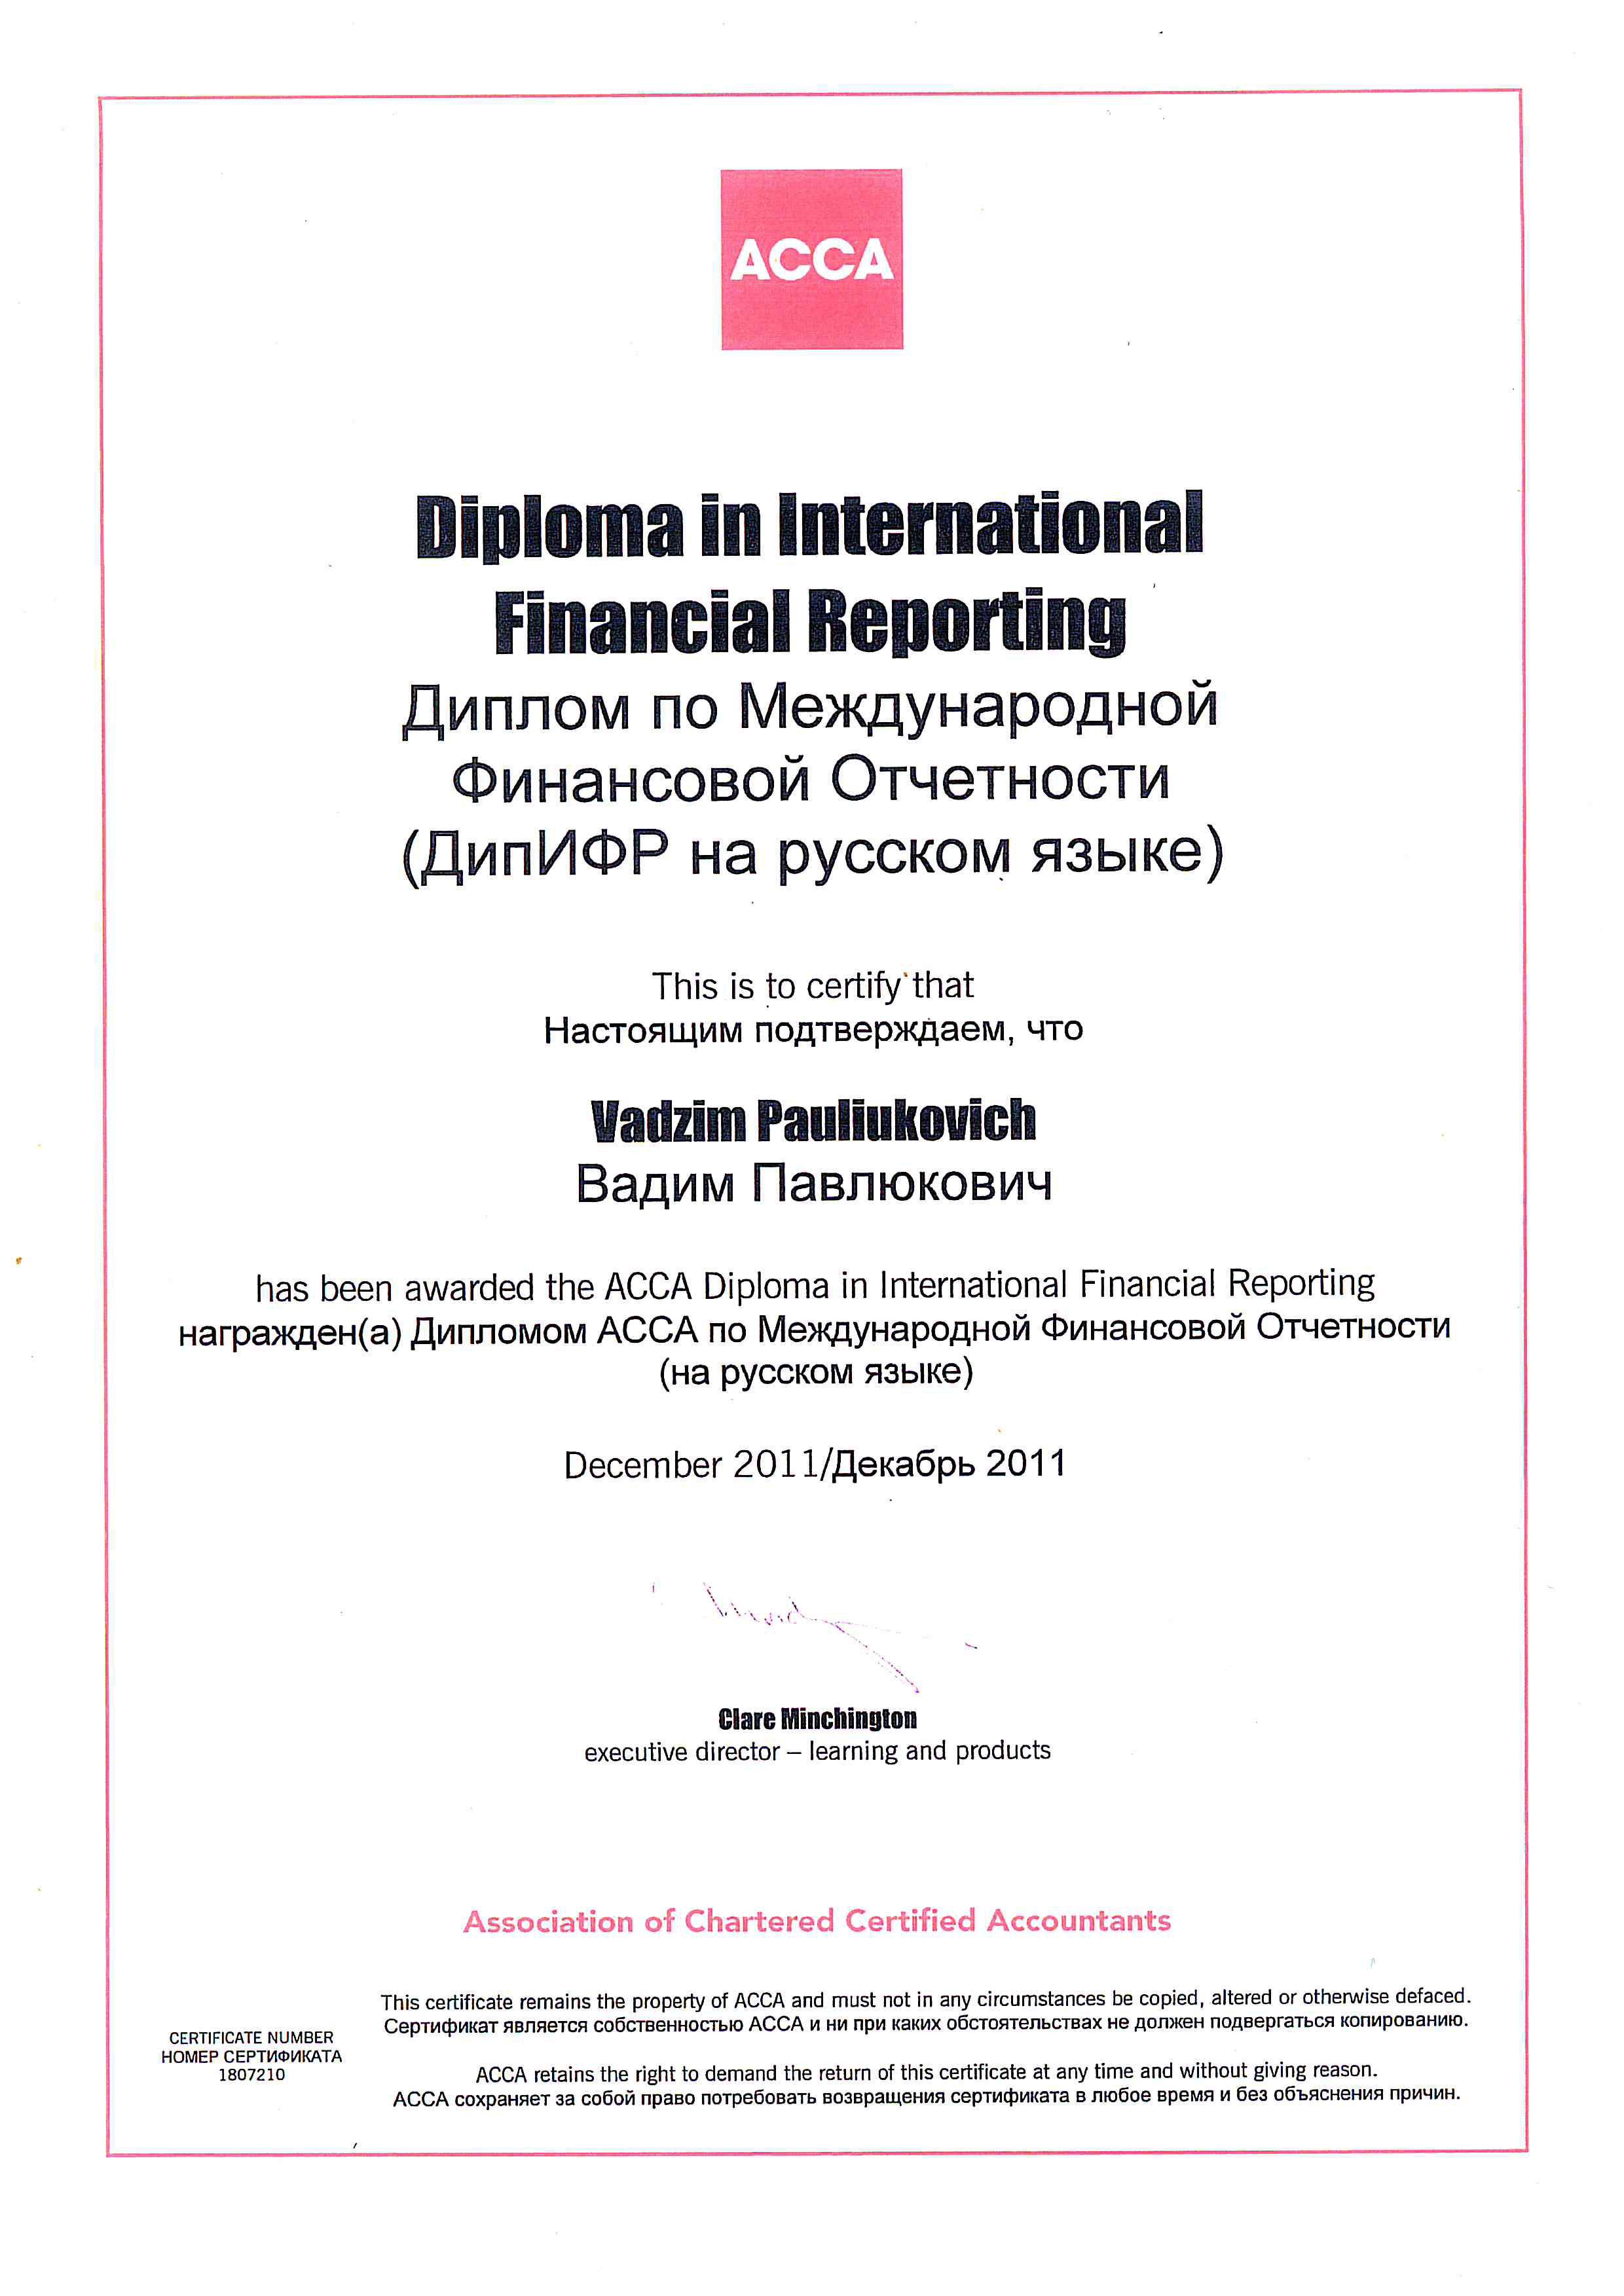 Павлюкович Вадим Диплом по Международной Финансовой Отчётности Вадим Павлюкович